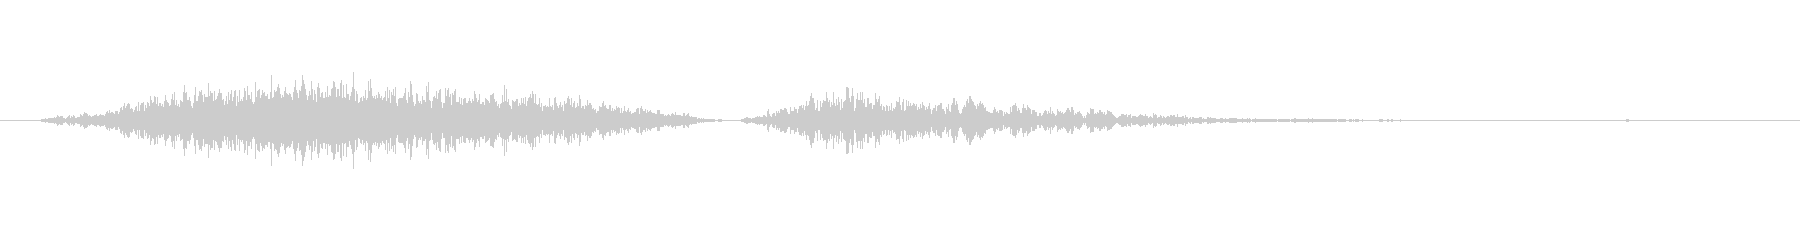 モンスター いびきブレスシングル03の未再生の波形